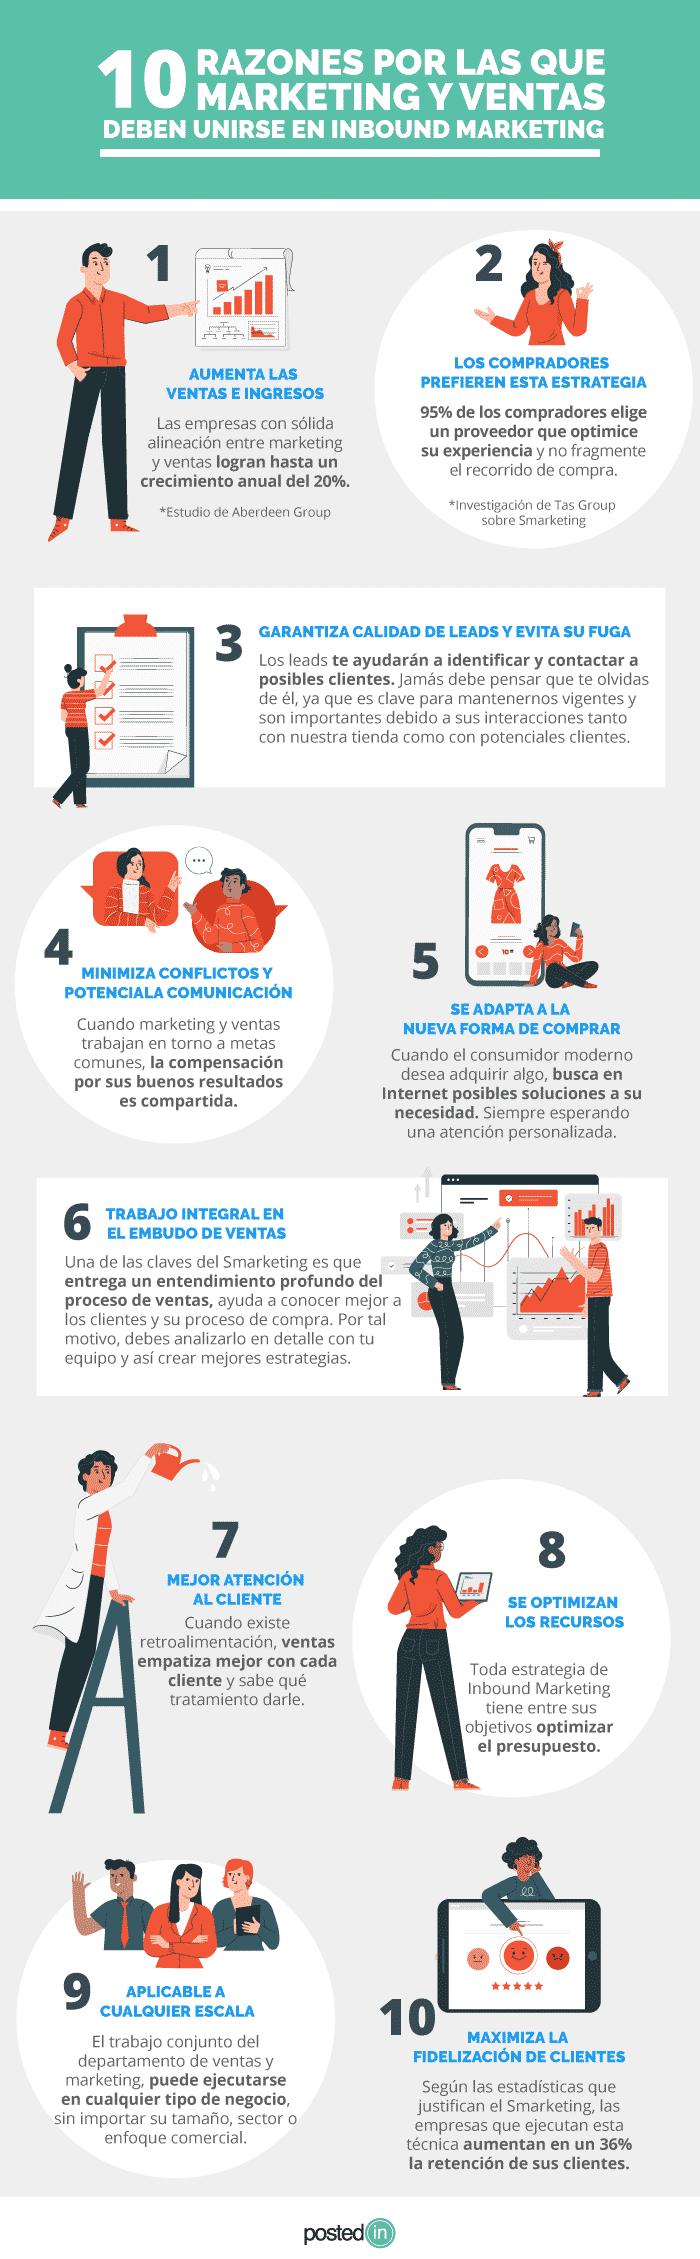 10 razones por las que Marketing y Ventas deben unirse en Inbound Marketing